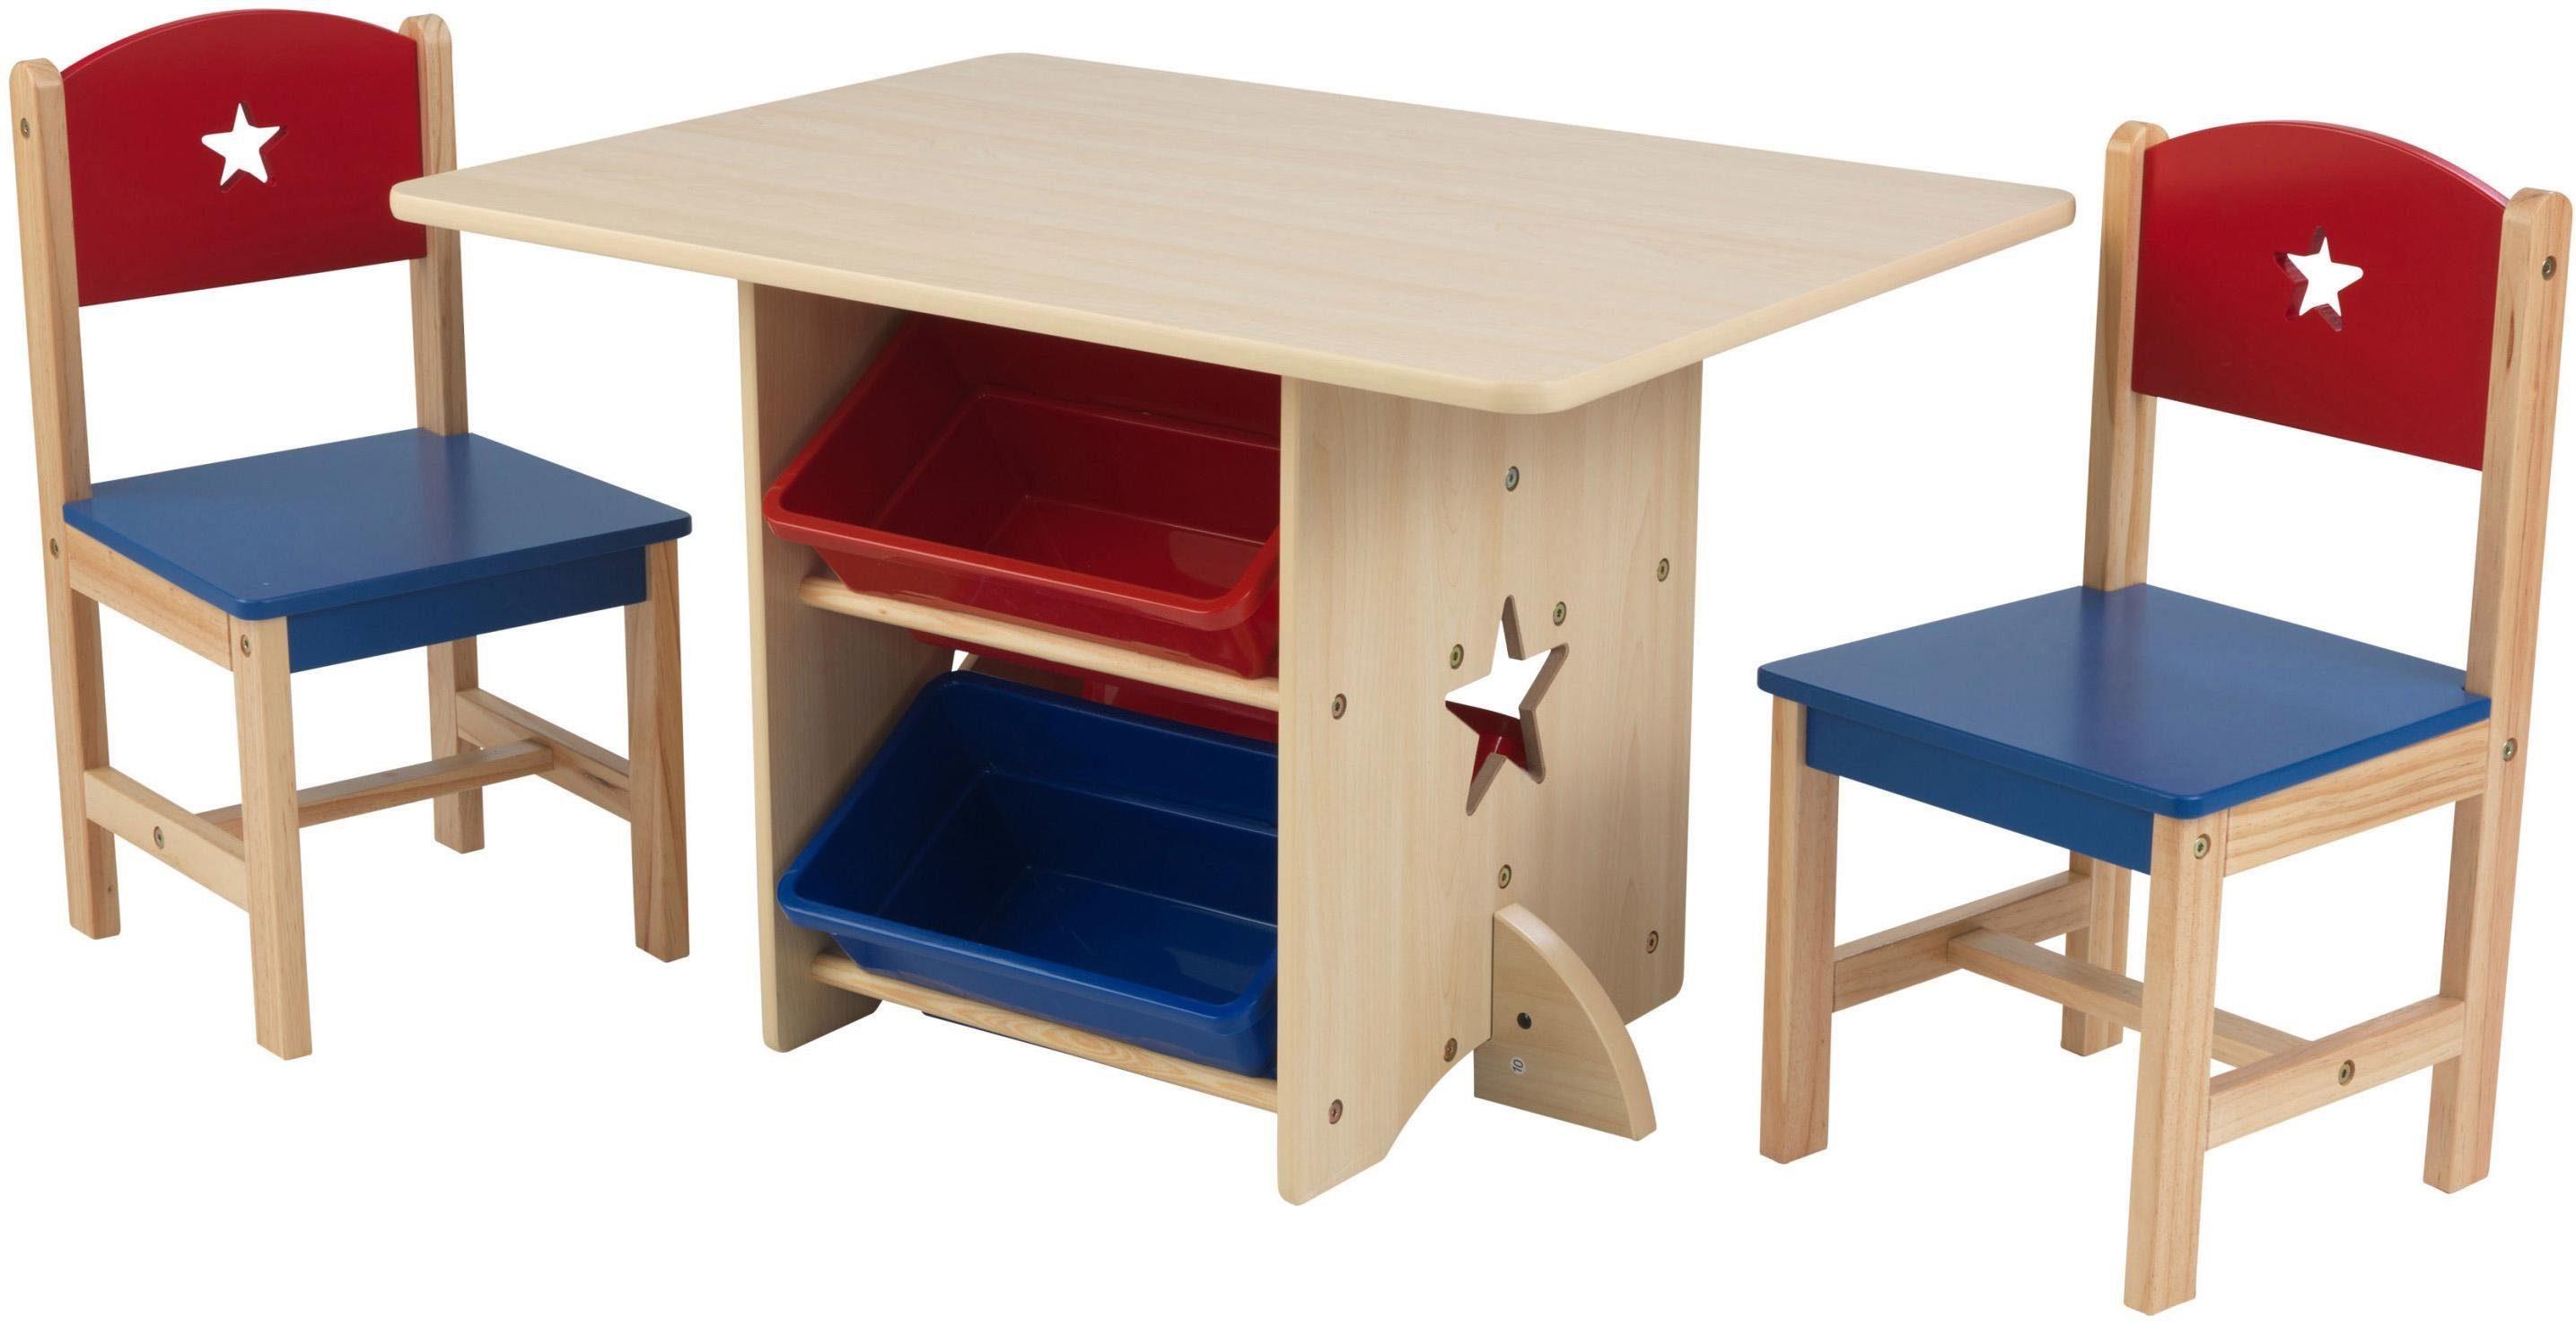 Kindersitzgruppe »Tisch und KidKraft® mit Aufbewahrungsboxen 2 tlgonline StühlenSternchen«3 kaufenOTTO zVMSUp